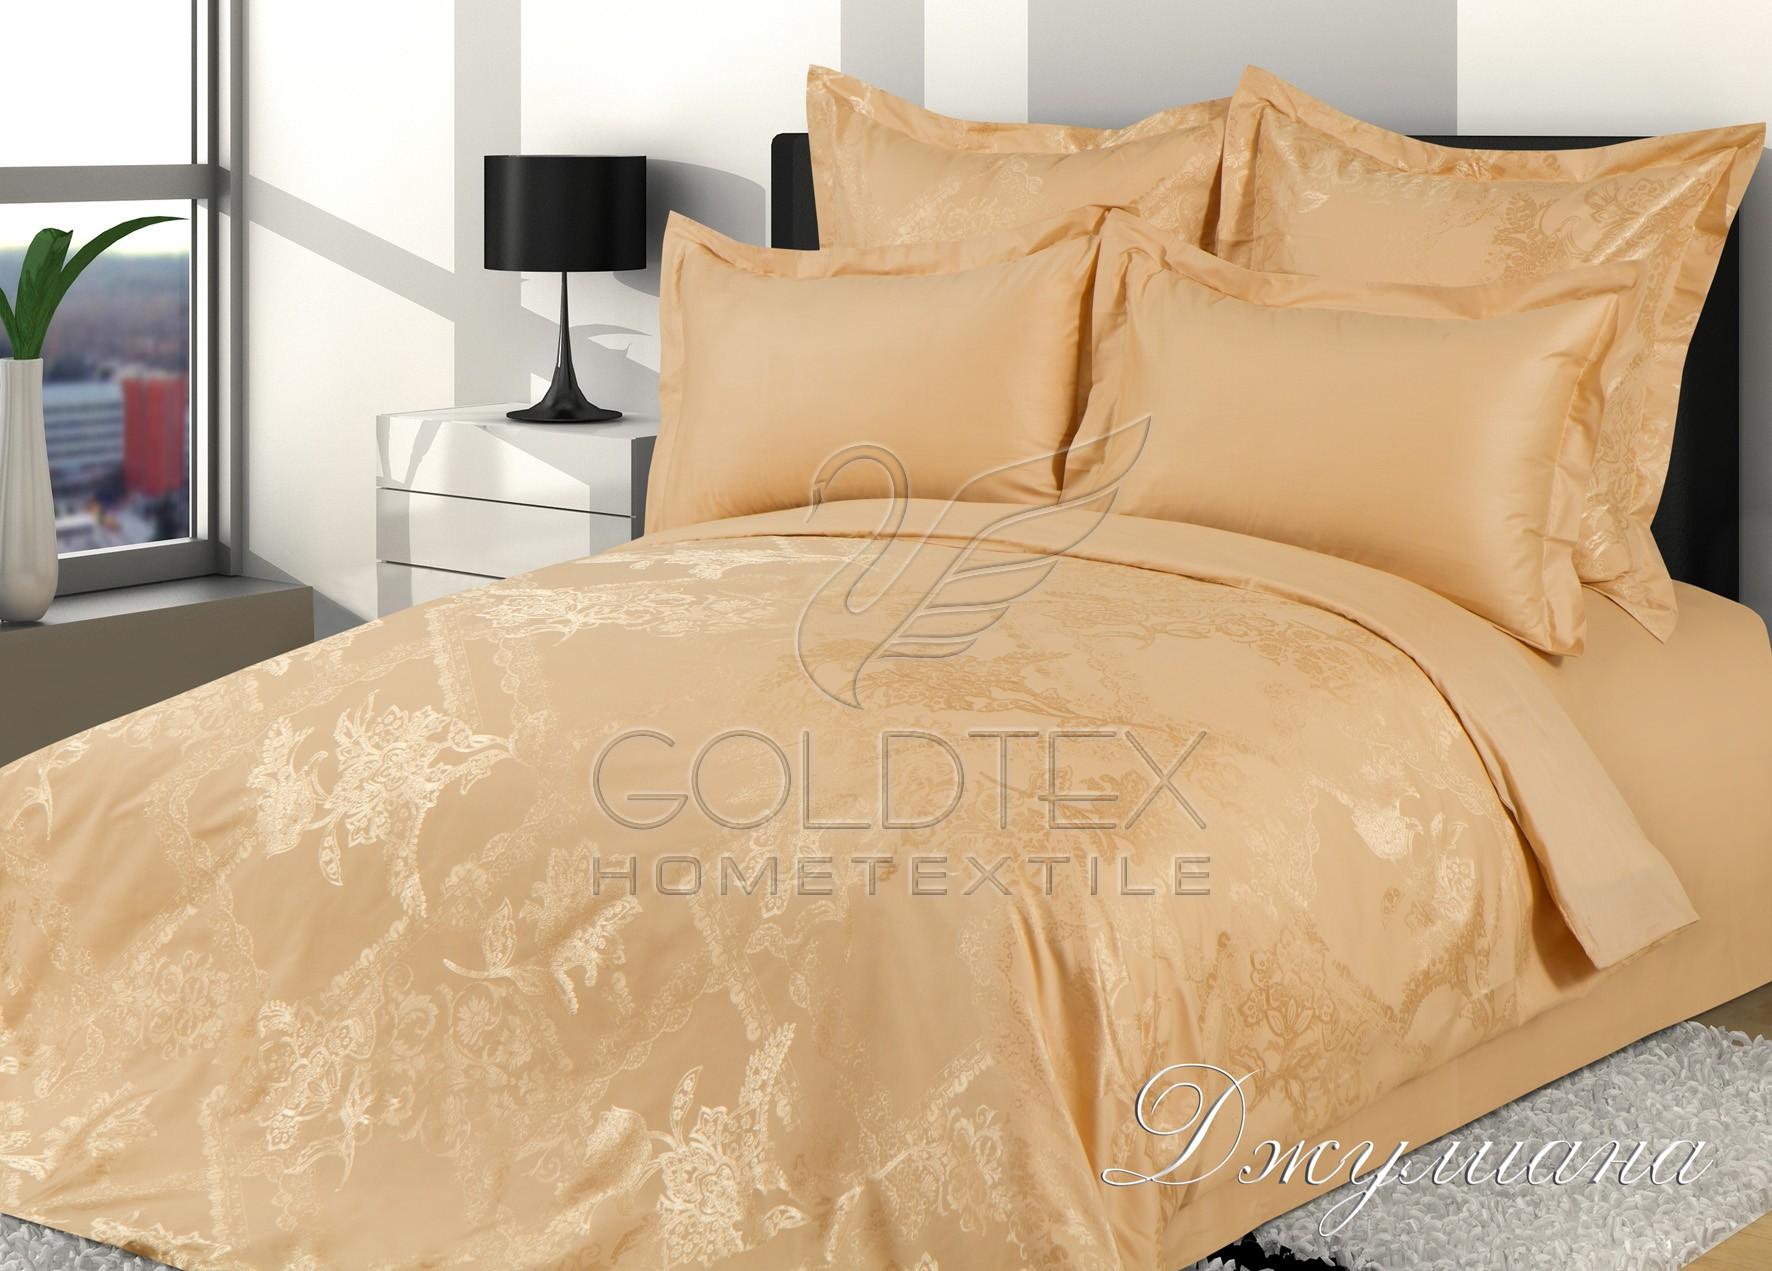 Комплект Джулиана, размер 2,0-спальный с 4 наволочкамиСатин-Жаккард<br>Плотность ткани: 135 г/кв. м <br>Пододеяльник: 220х175 см - 1 шт. <br>Простыня: 220х240 см - 1 шт. <br>Наволочка: 70х70 см - 2 шт. 50х70 см - 2 шт.<br><br>Тип: КПБ<br>Размер: 2,0-сп. 4 нав.<br>Материал: Сатин-Жаккард